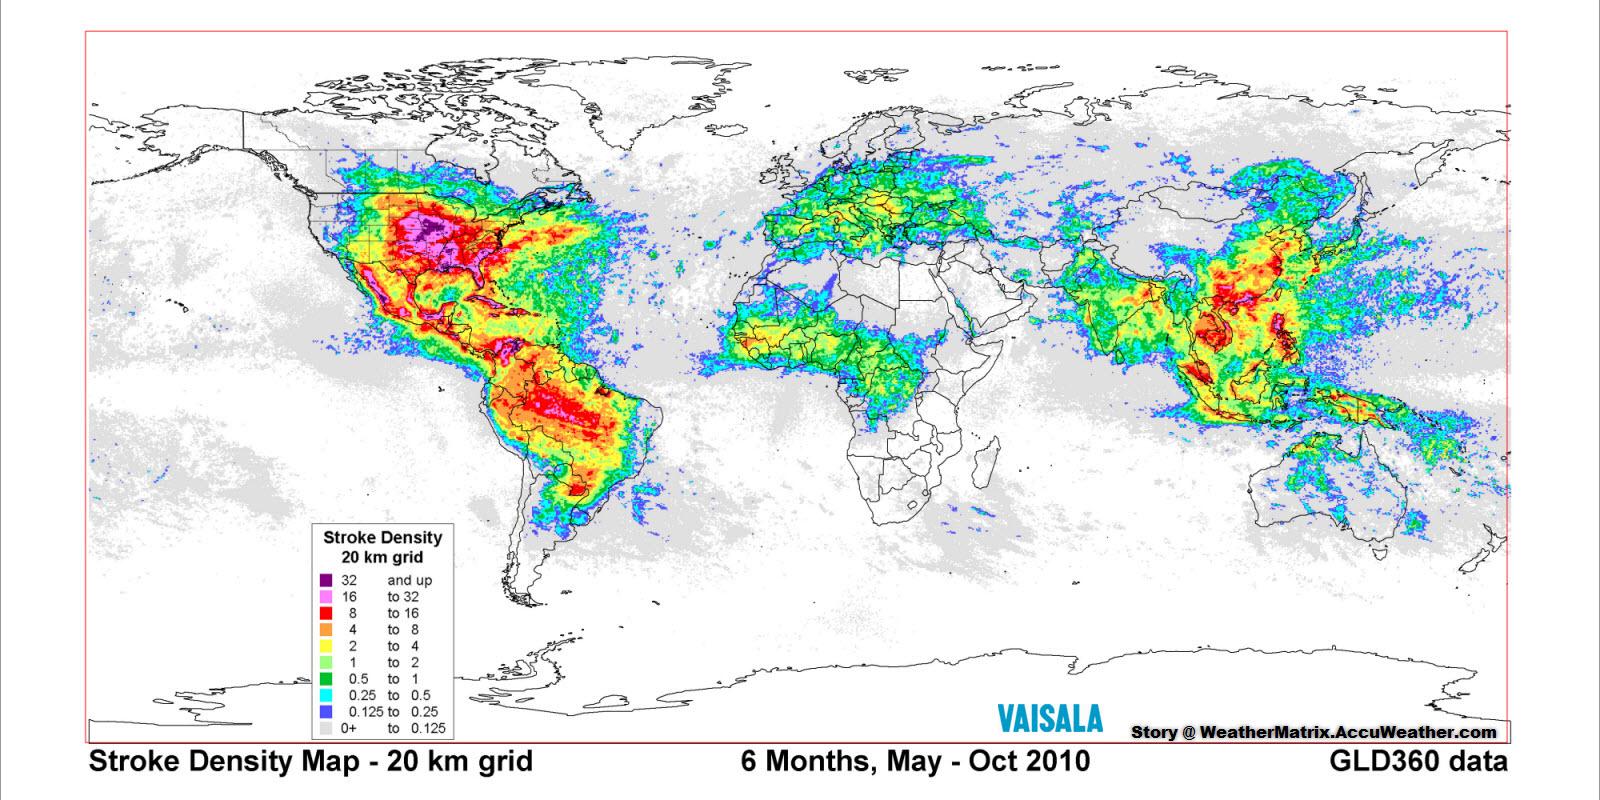 Stroke Density Map